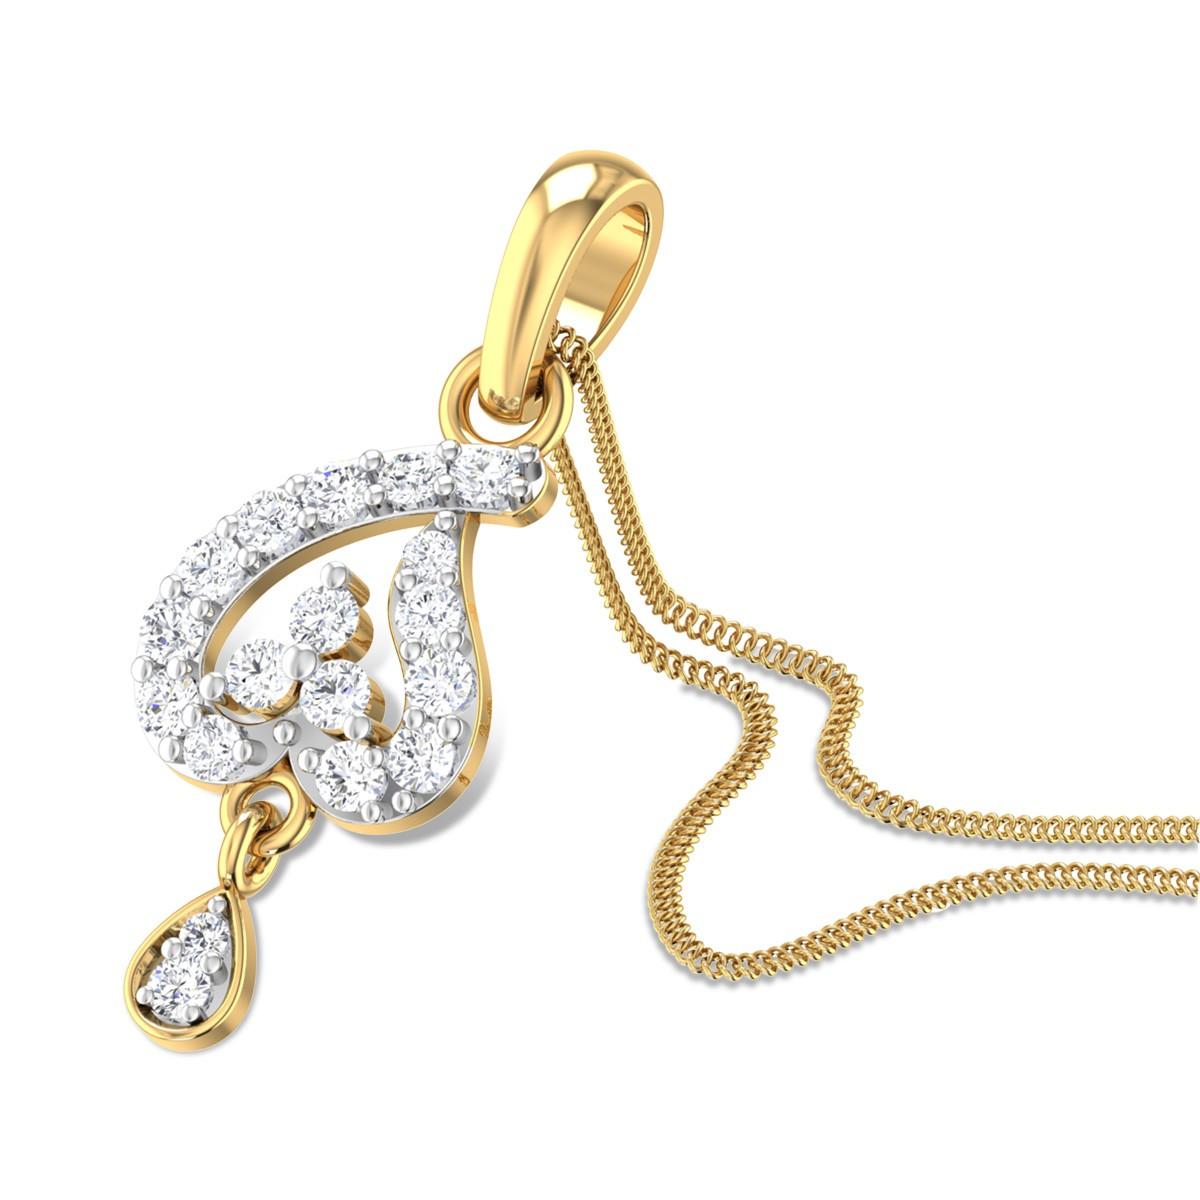 Spade Drop Diamond Pendant